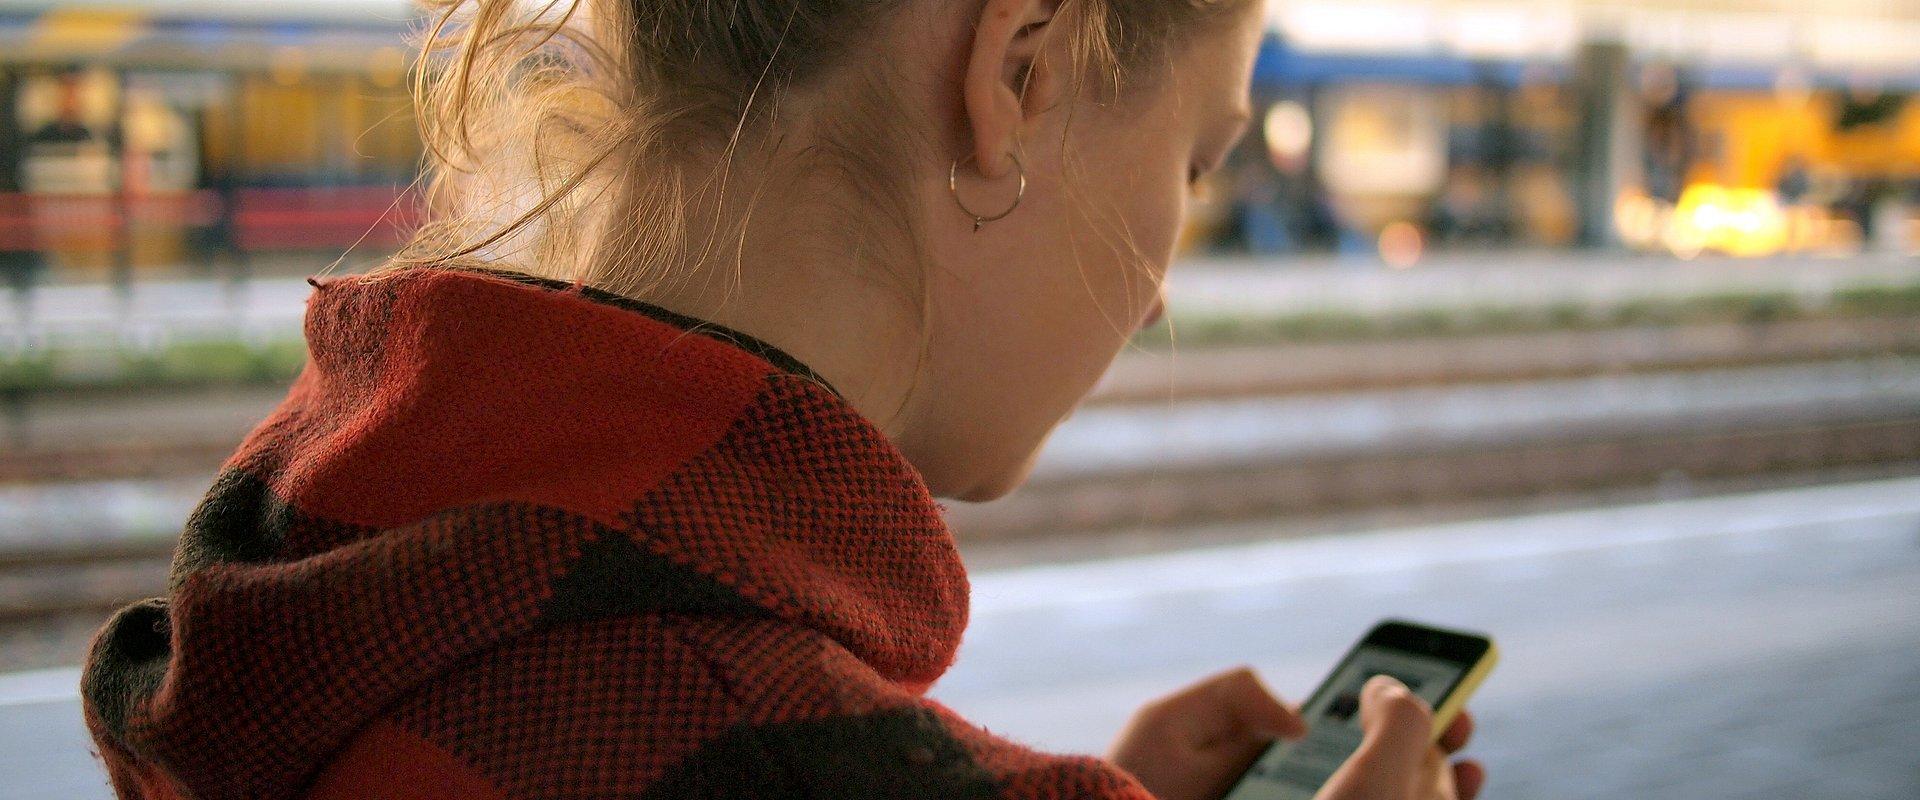 El paciente digital: mujeres internautas y urbanitas